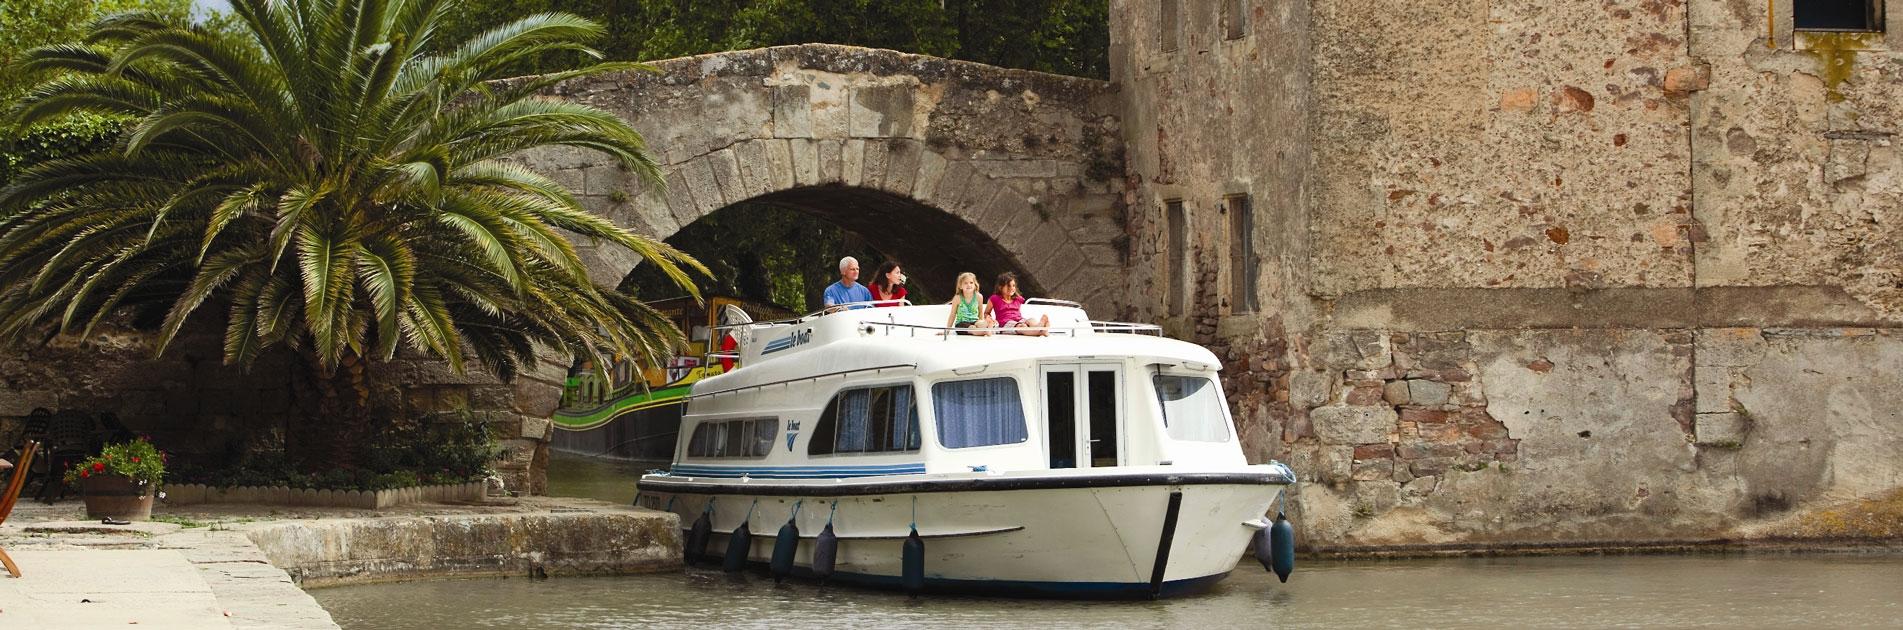 Flodbåde passerer under bro på Canal du Midi